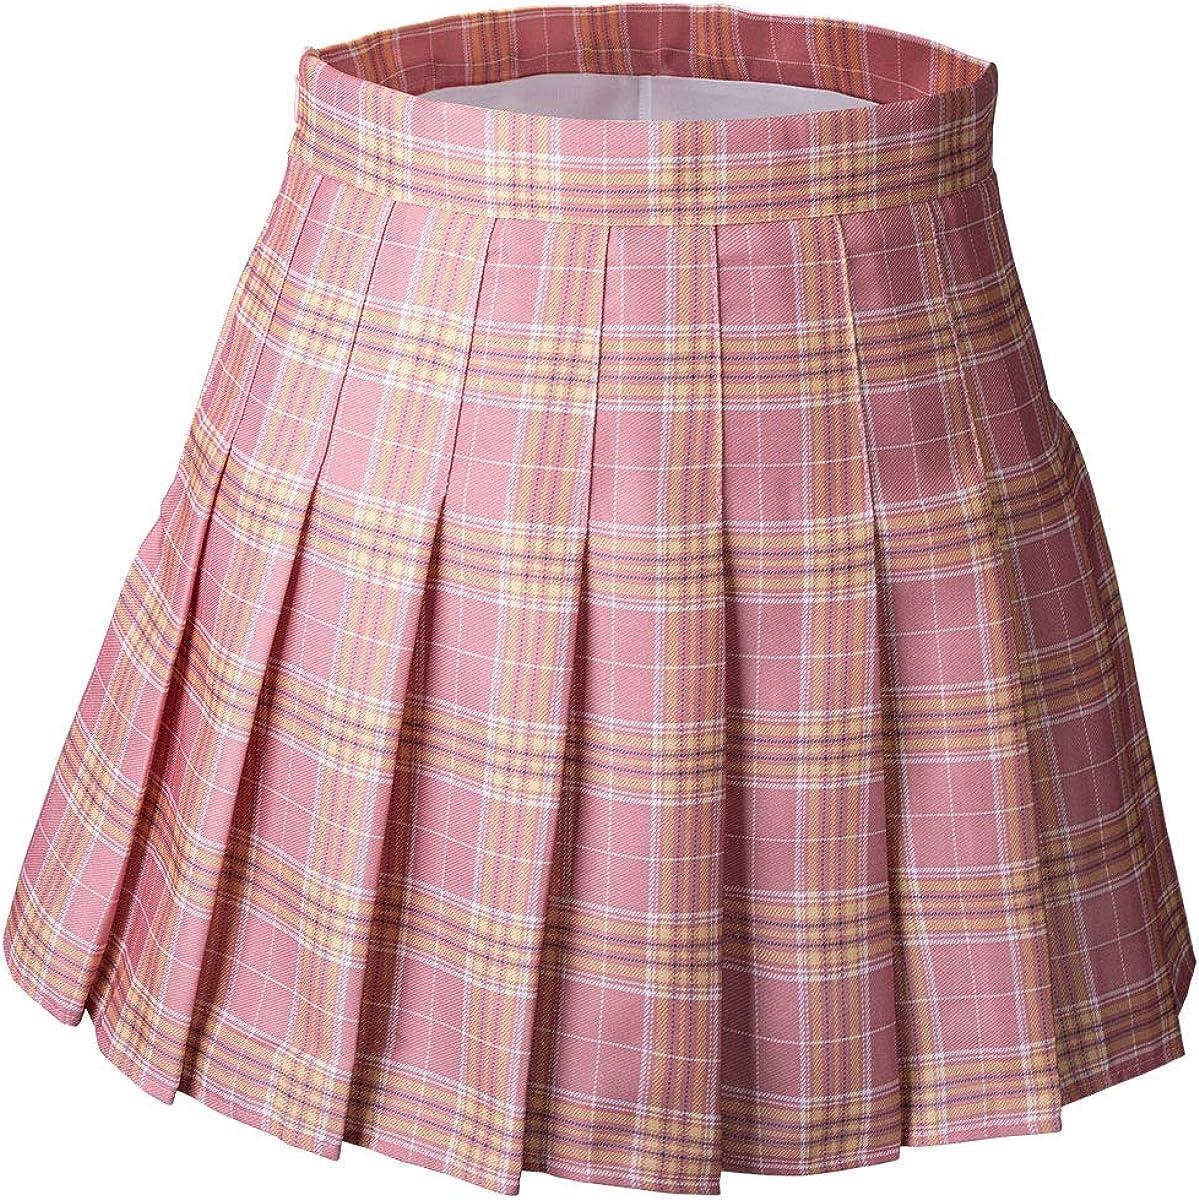 High Waist Plaid Pleated Skirt A-Line Mini Skirt Casual